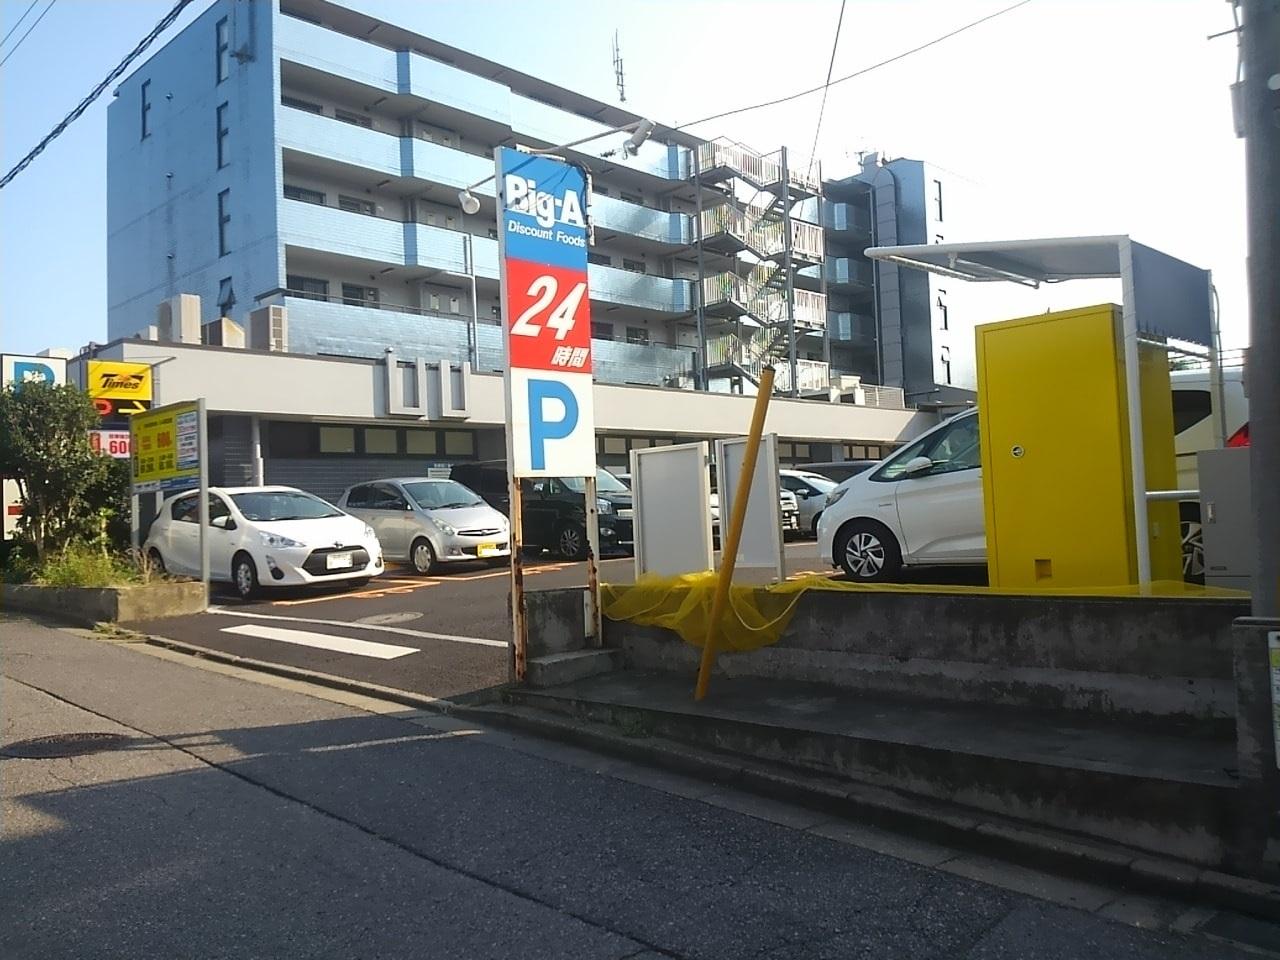 習志野駐屯地夏祭りの駐車場